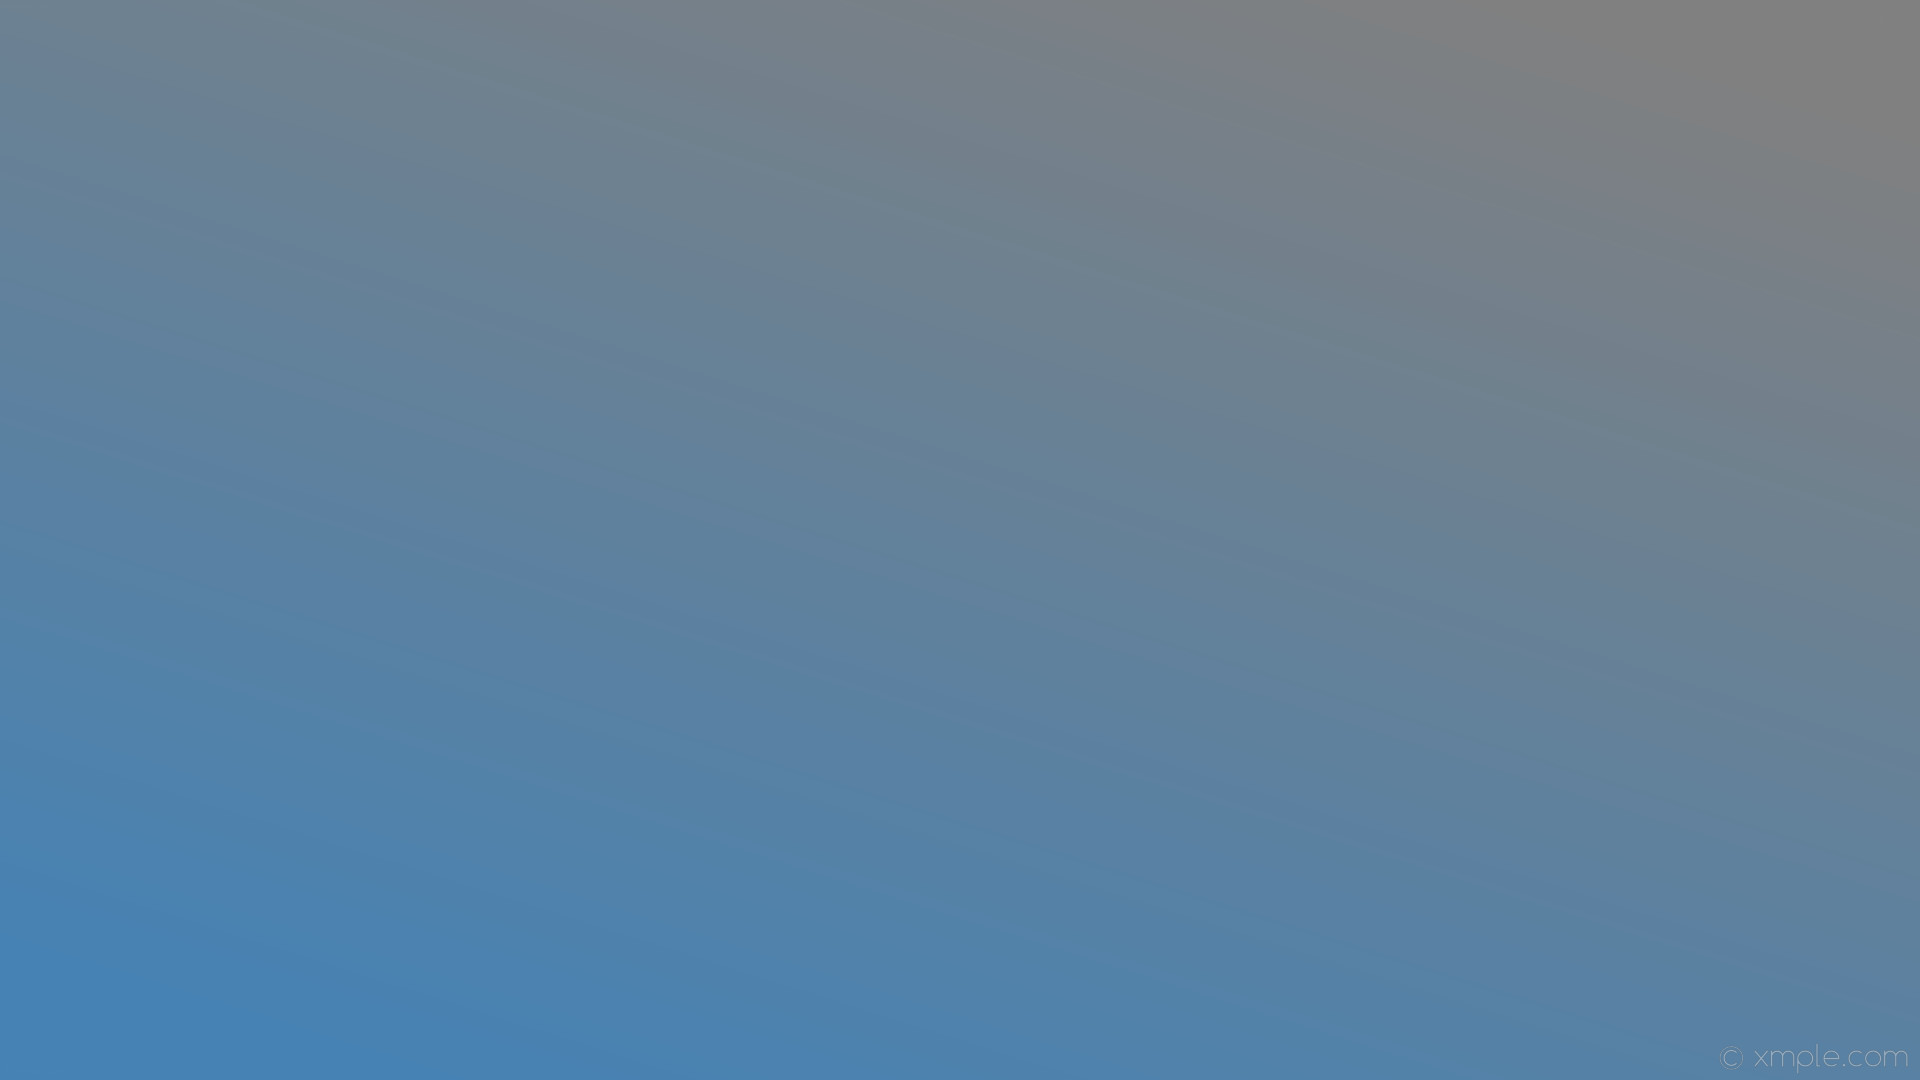 wallpaper grey blue gradient linear gray steel blue #808080 #4682b4 45°